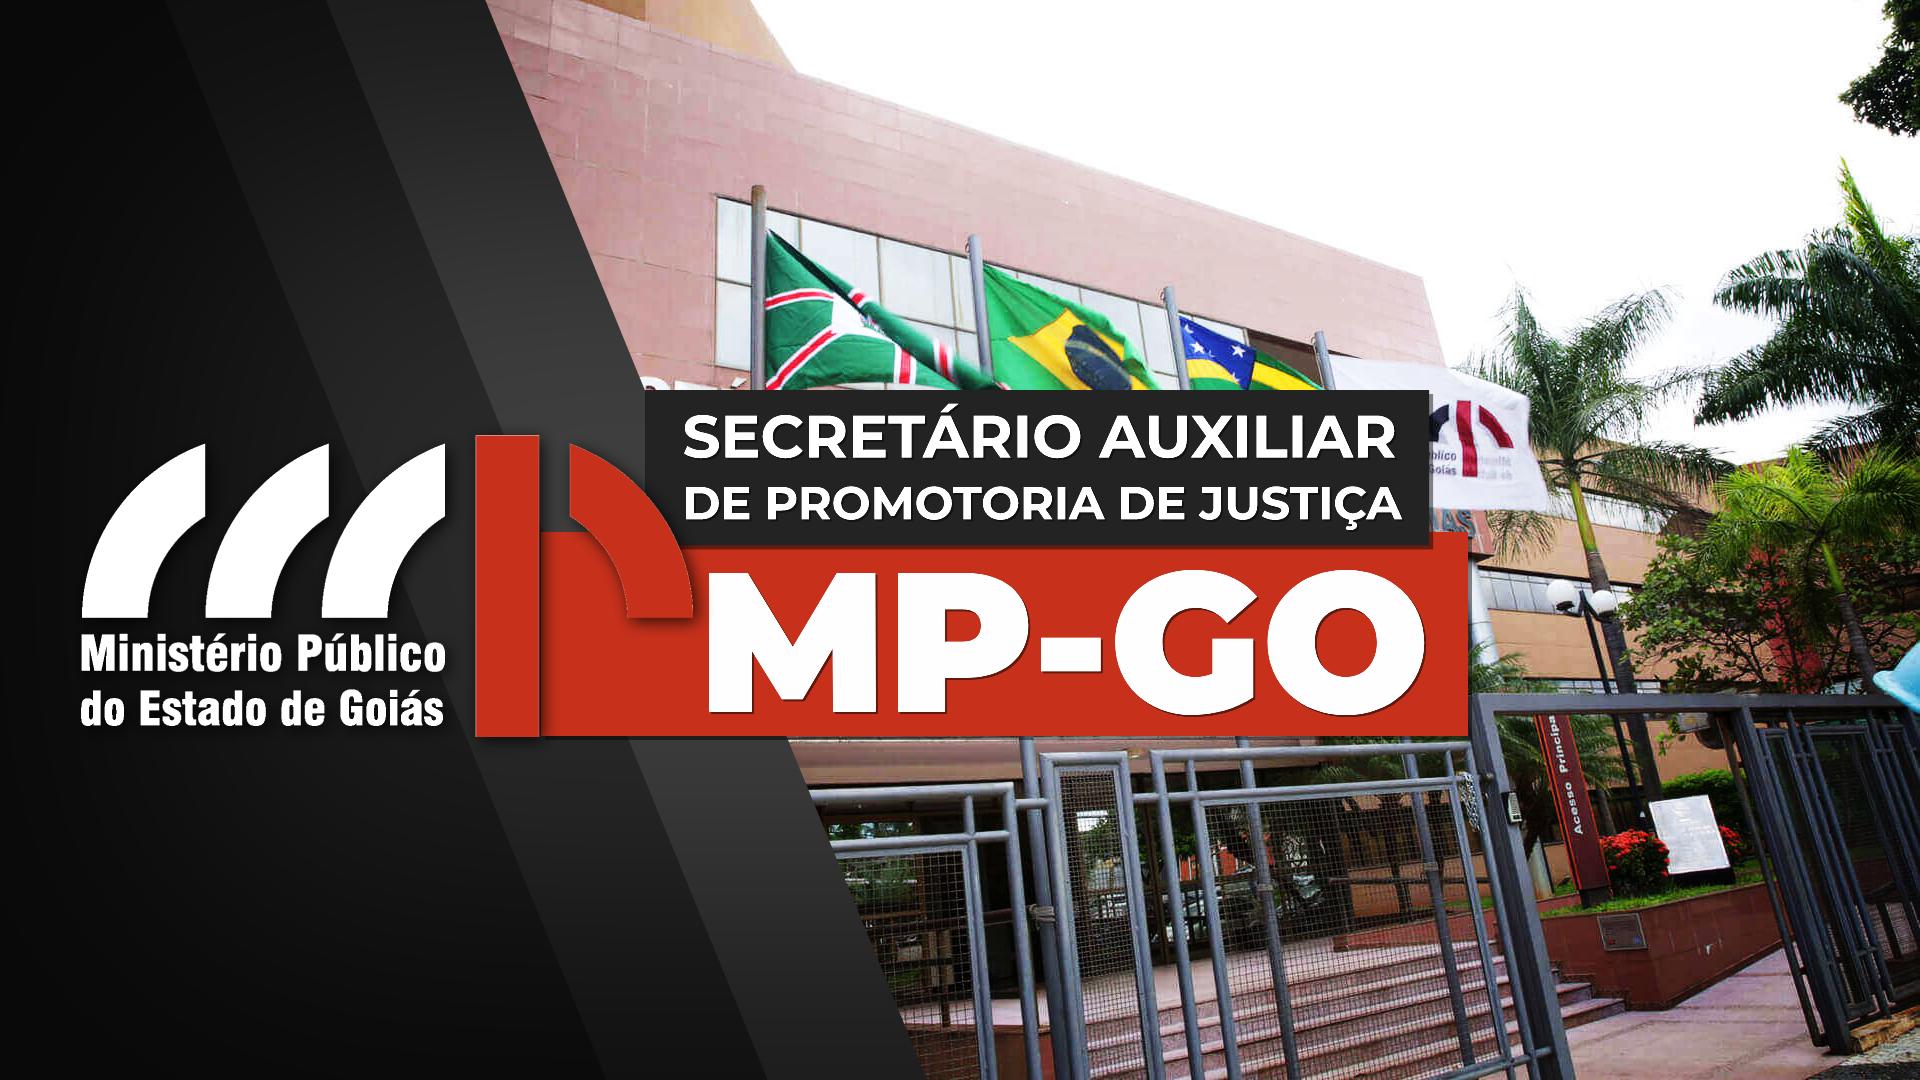 MP GO Secretário Auxiliar da Promotoria de Justiça do Ministério Público do Estado de Goiás